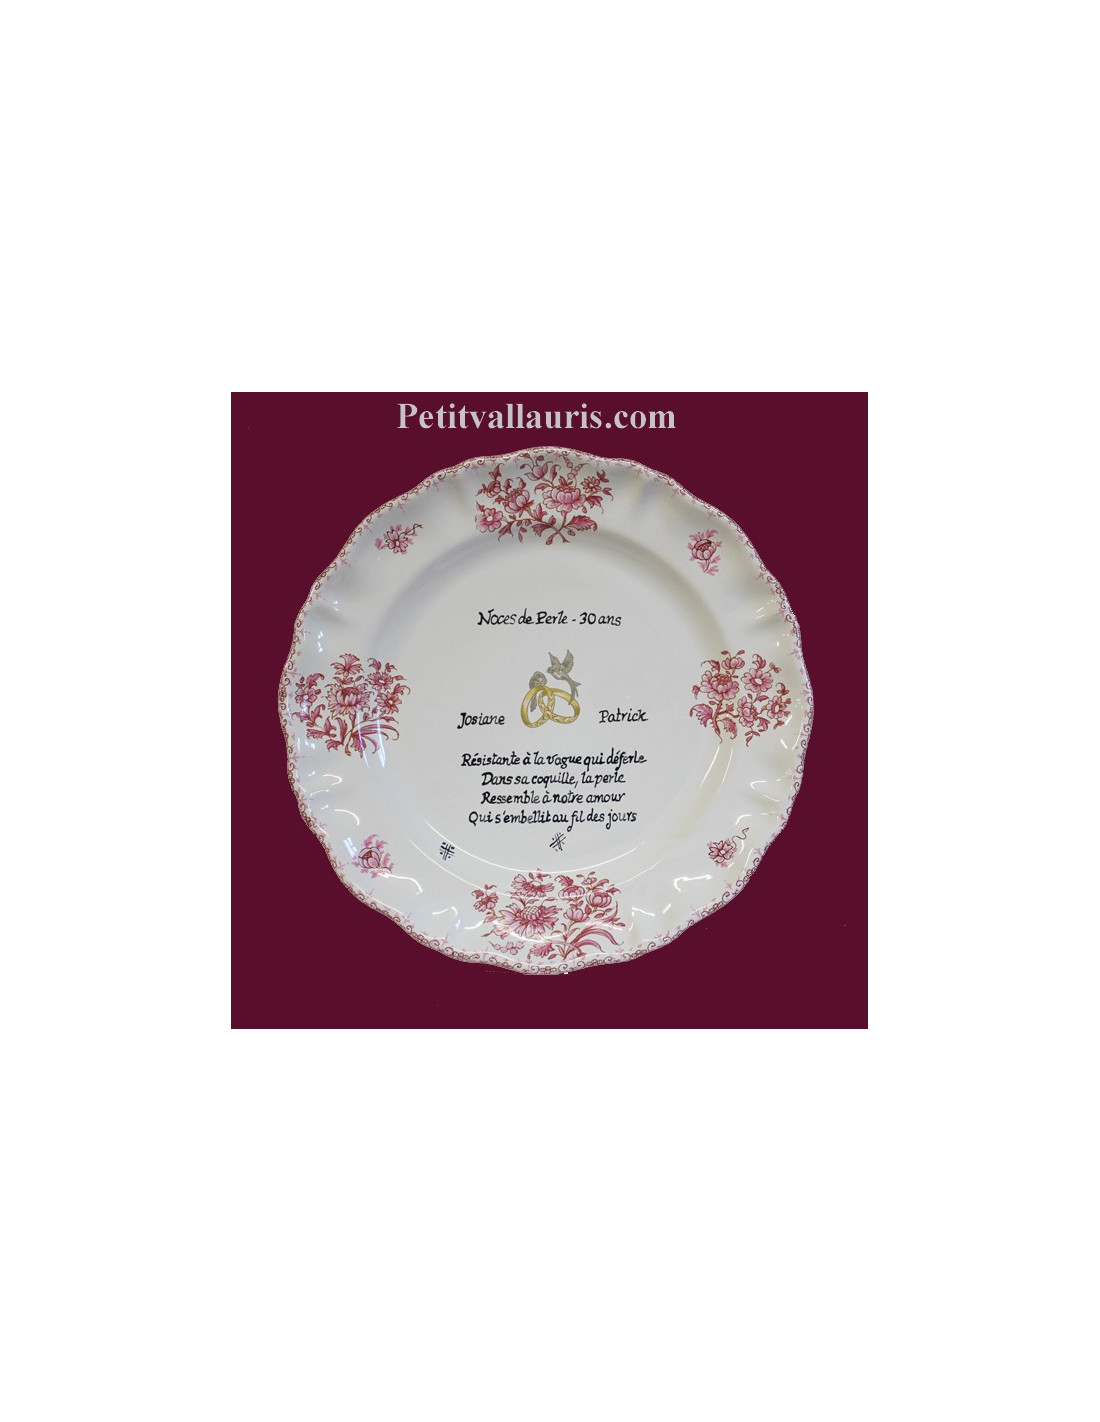 assiette souvenir 30 ans de mariage louis xv dcor rose pome noces de perle - 30 Ans De Mariage Noce